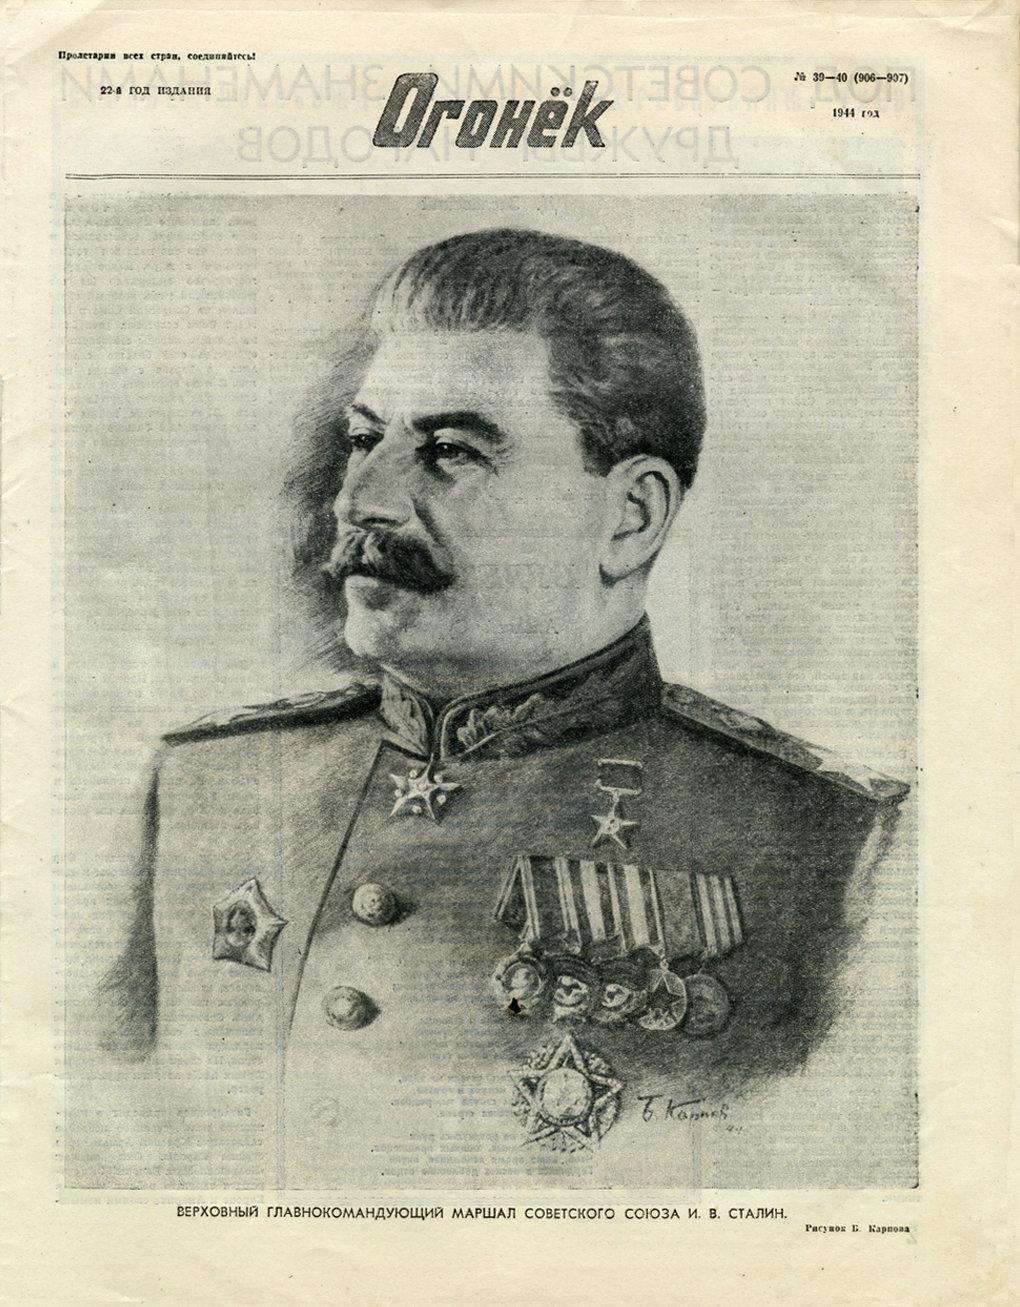 Огонёк № 39–40 1944 / 2